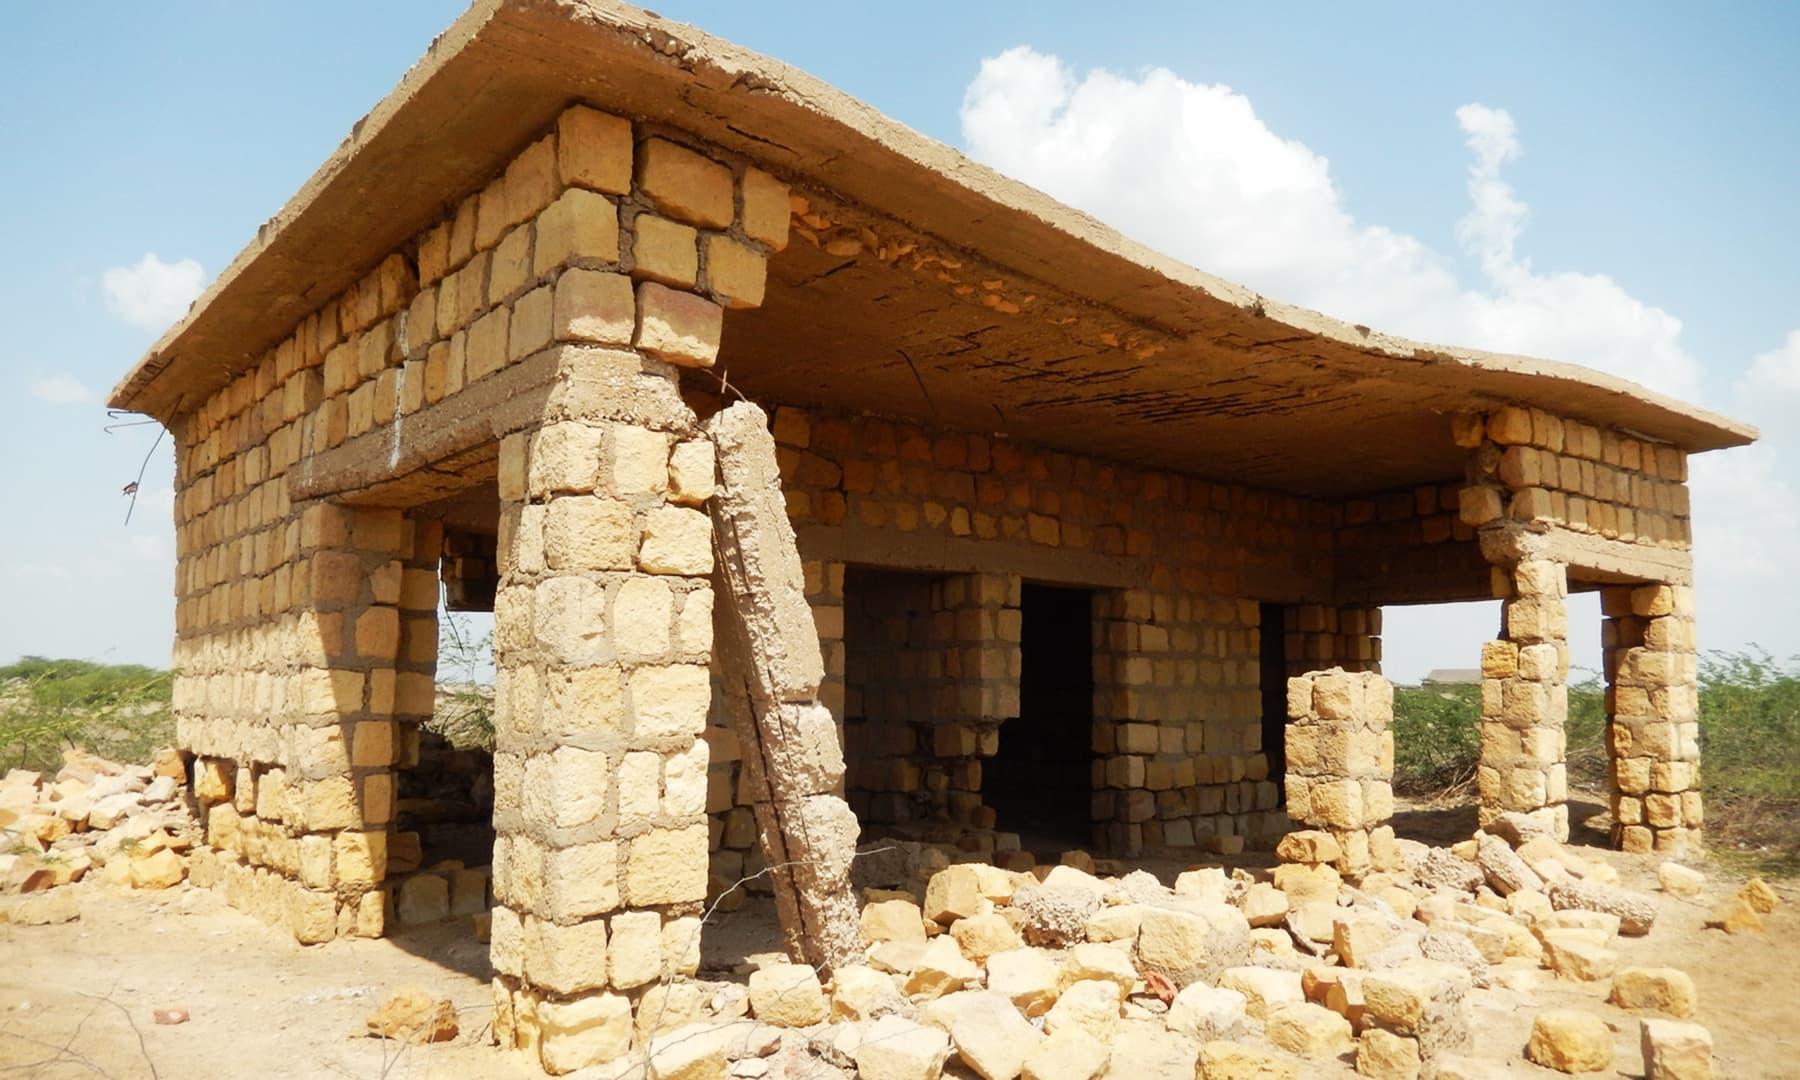 گاؤں جڑیو تھہیمور کے اسکول کی عمارت — تصویر ابوبکر شیخ